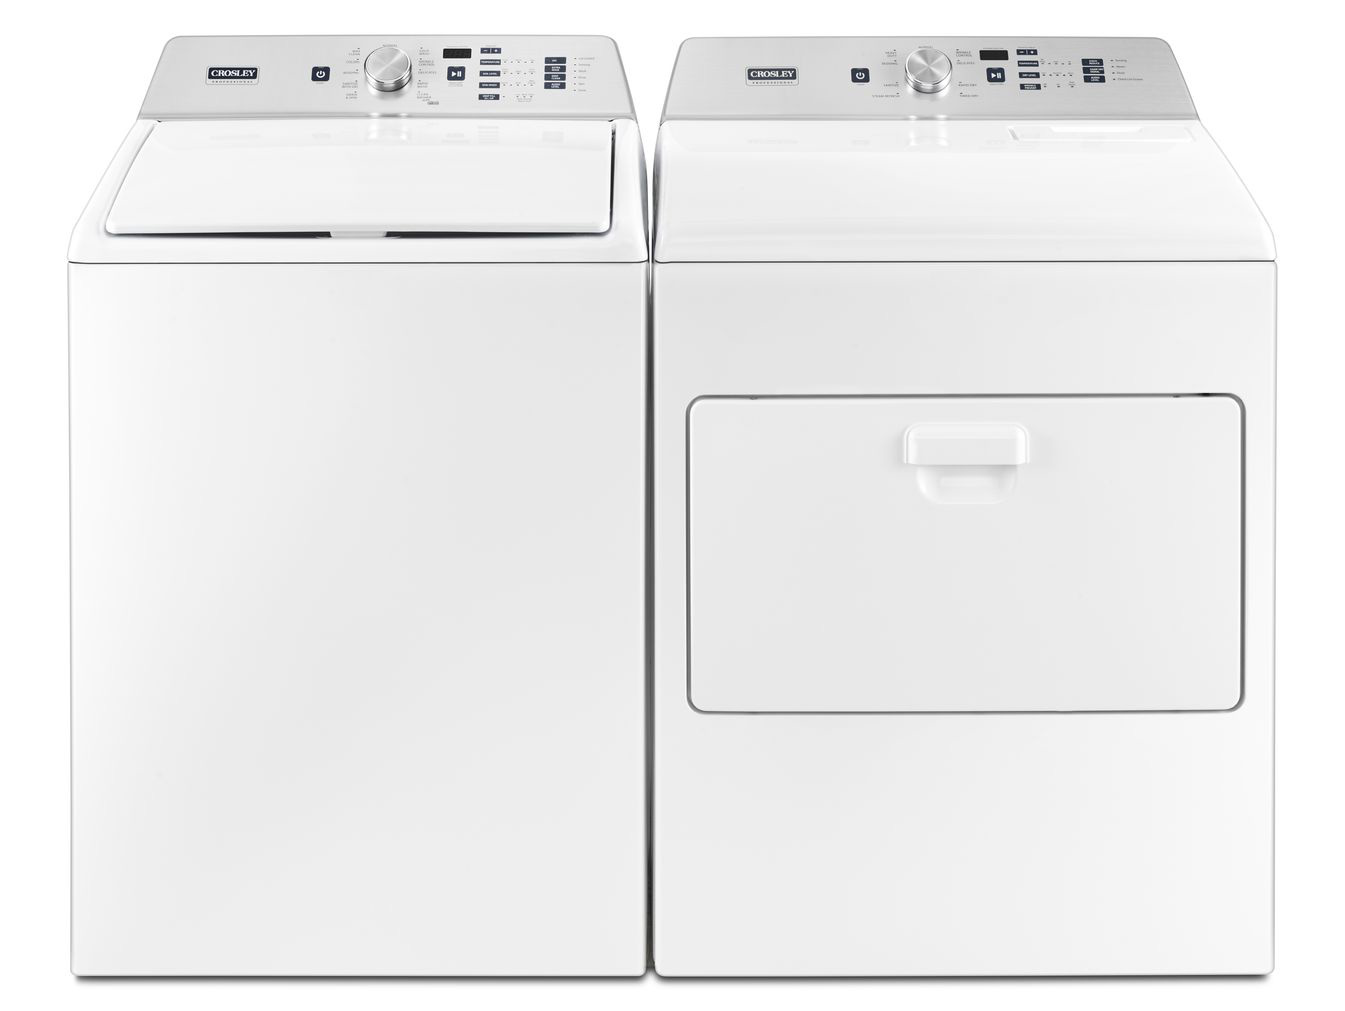 Crosley He Top Load Washer Dryer Set Model Zaw47115gw Zed7009gw Basham S